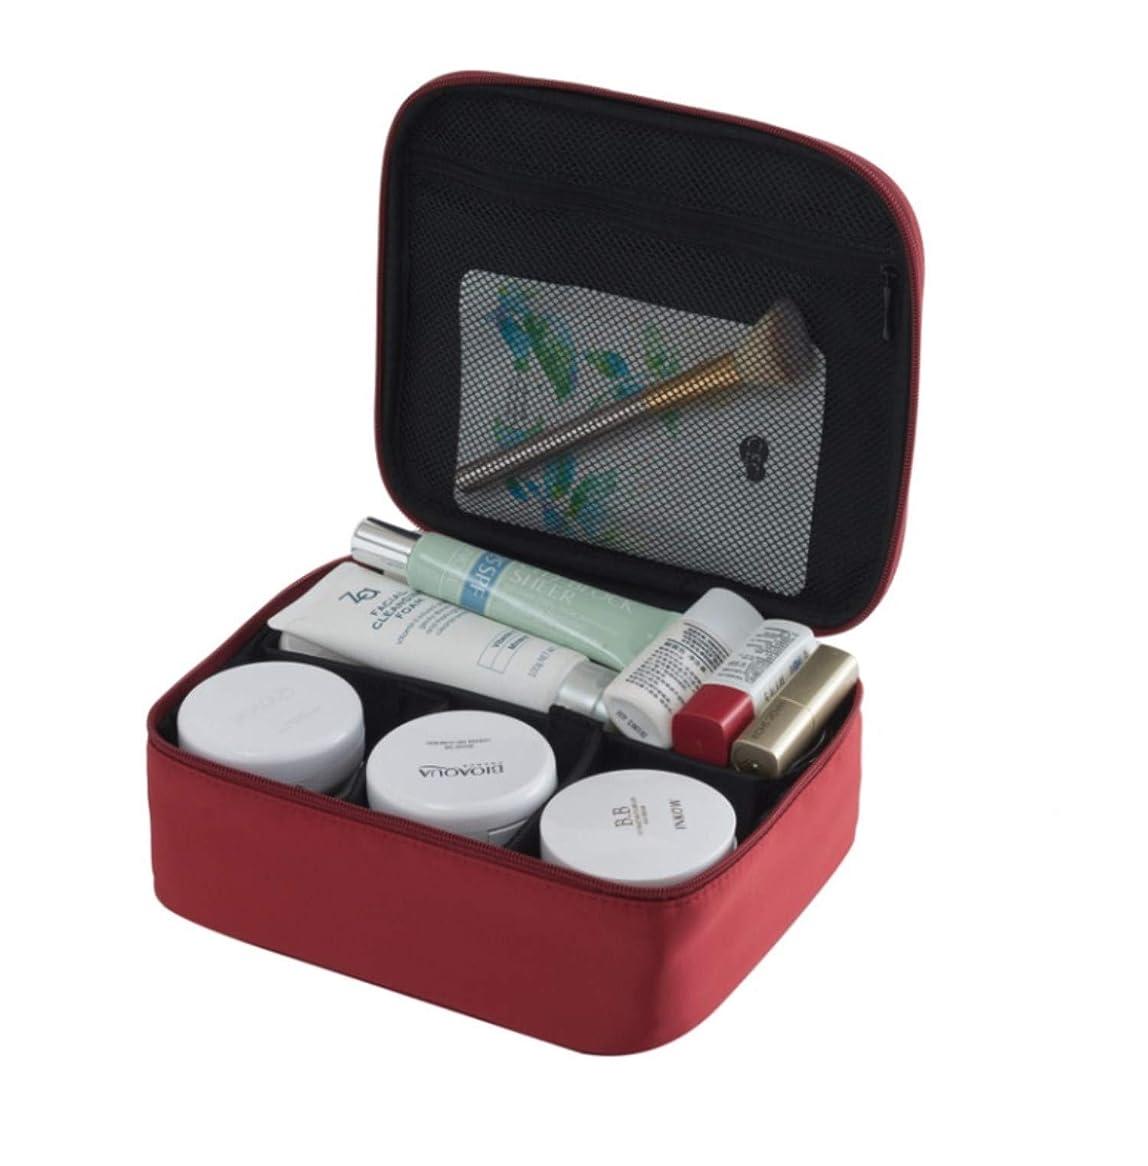 出します改革とげのあるSURCHAR メイクボックス プロ用 メイクケース 高品質 コスメ収納スタンド 大容量 コスメケース 收納抜群 メイクブラシバッグ 旅行用 収納ケース 化粧 (レッド)